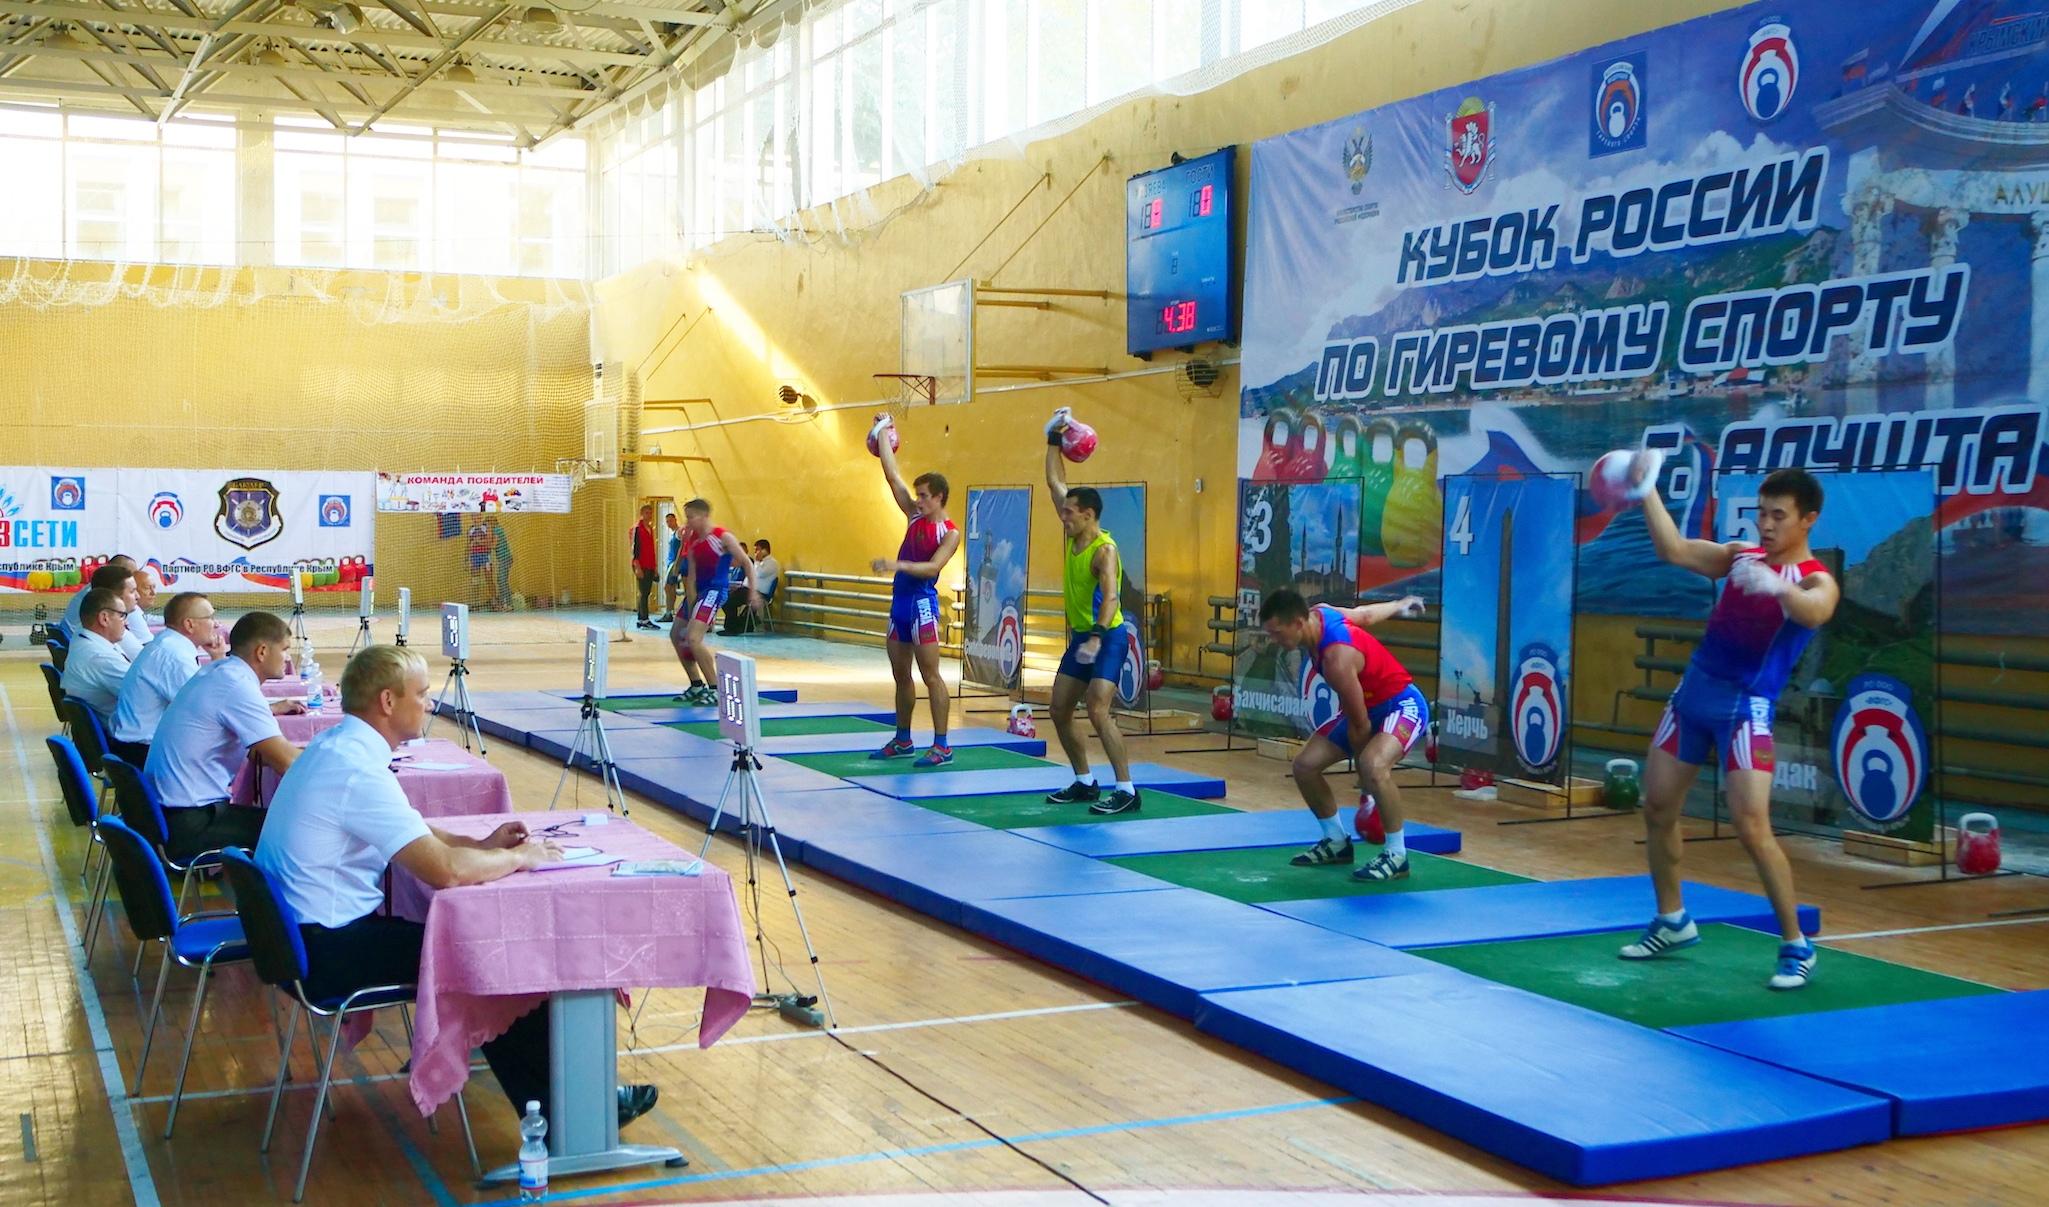 Сборную Курганской области представляли трое спортсменов из Кургана, КГСХА и Кетово